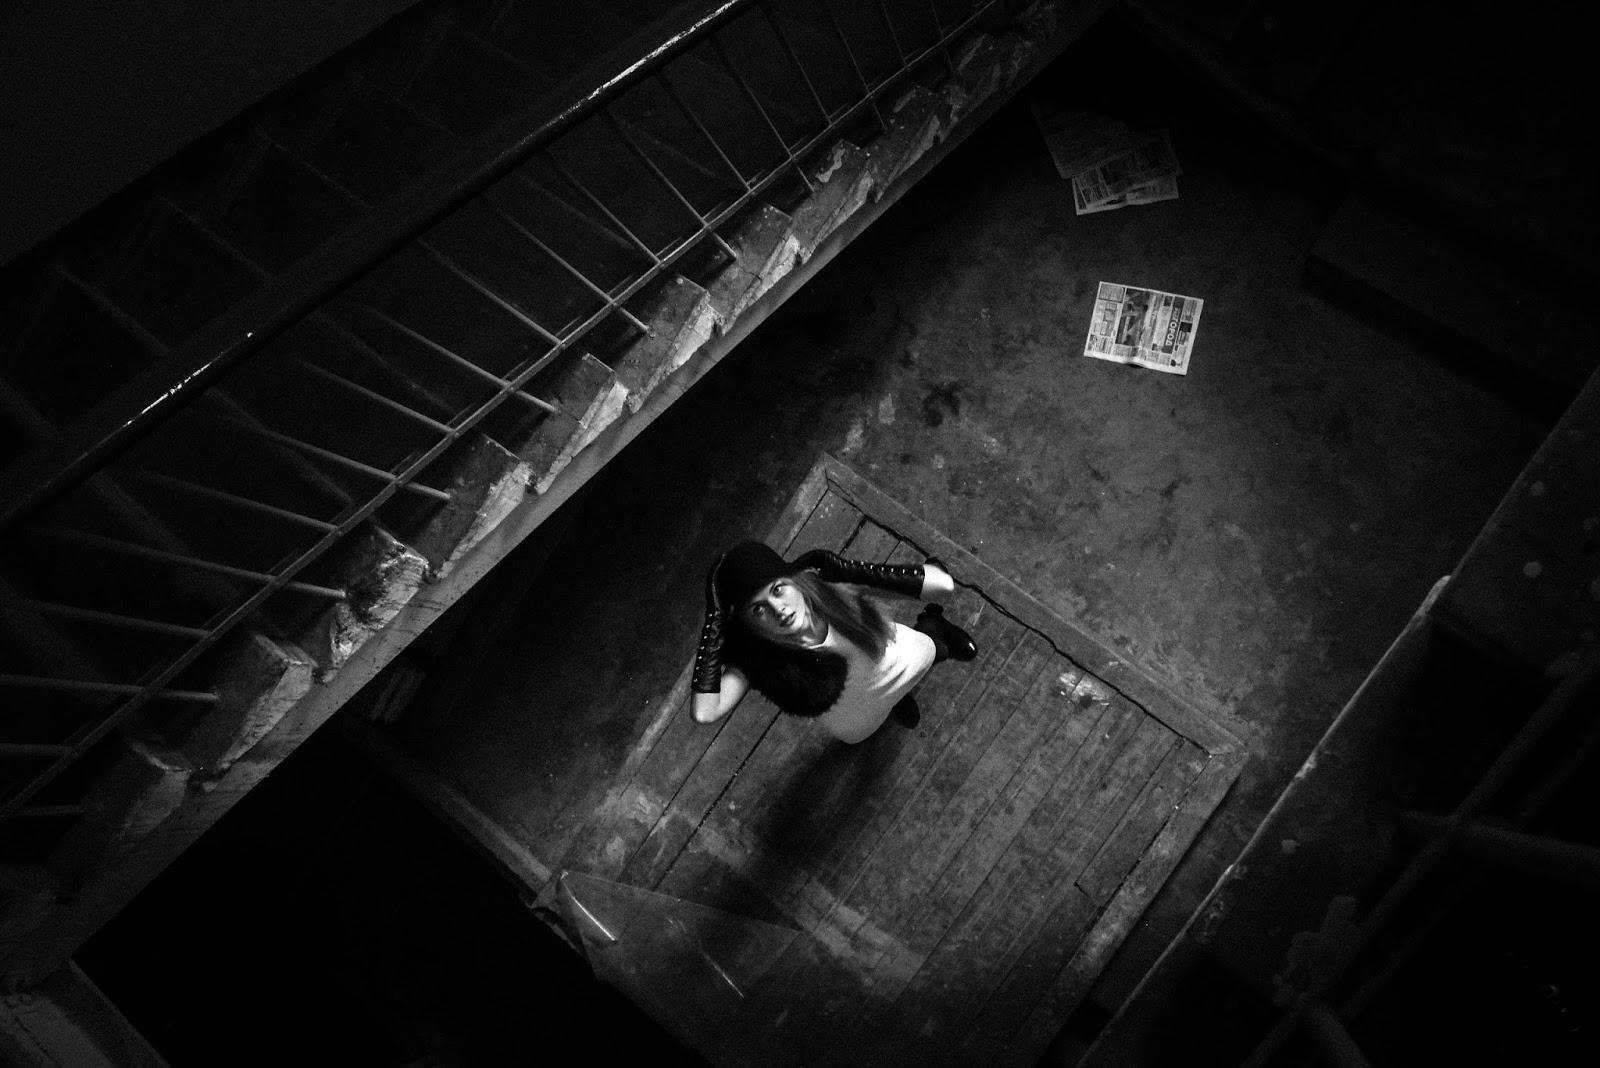 Секс в подъезде олеся, Порно в лифте и секс в подъезде на 24 видео 13 фотография